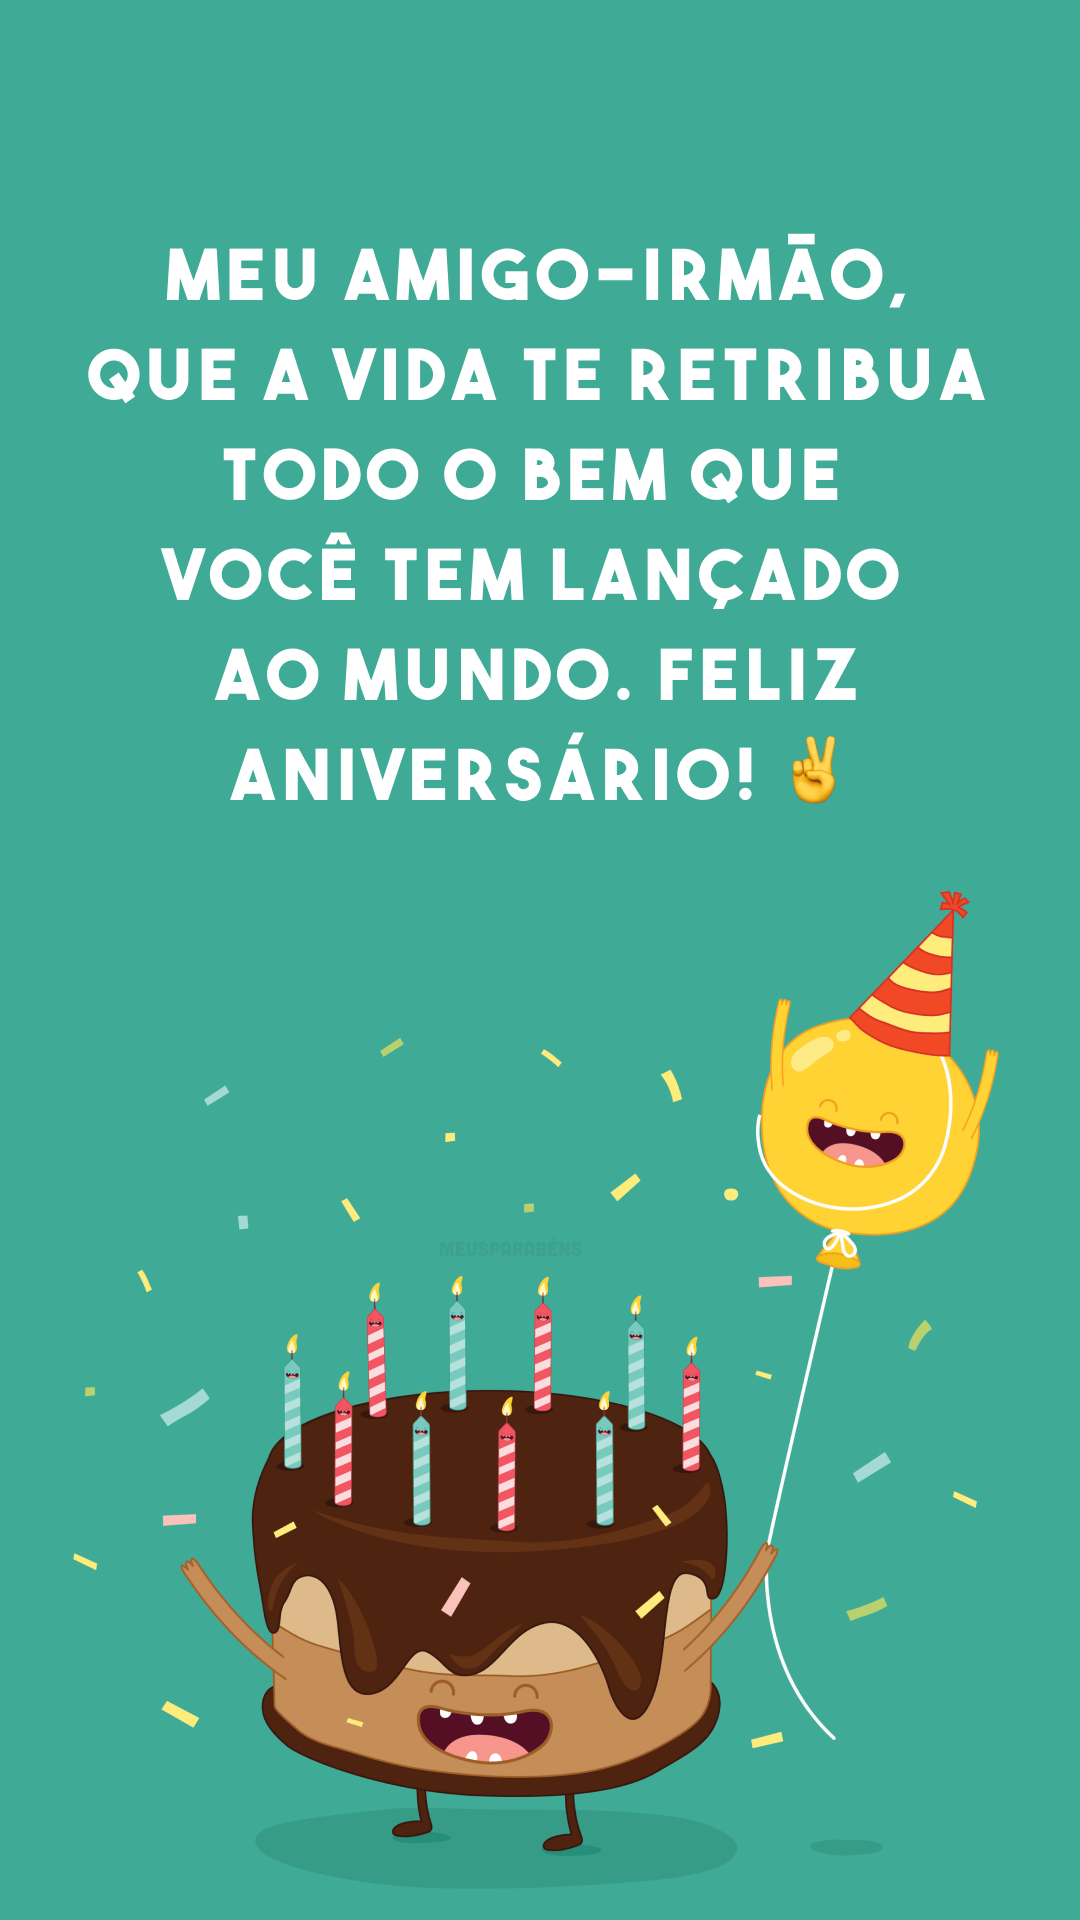 Meu amigo-irmão, que a vida te retribua todo o bem que você tem lançado ao mundo. Feliz aniversário! ✌